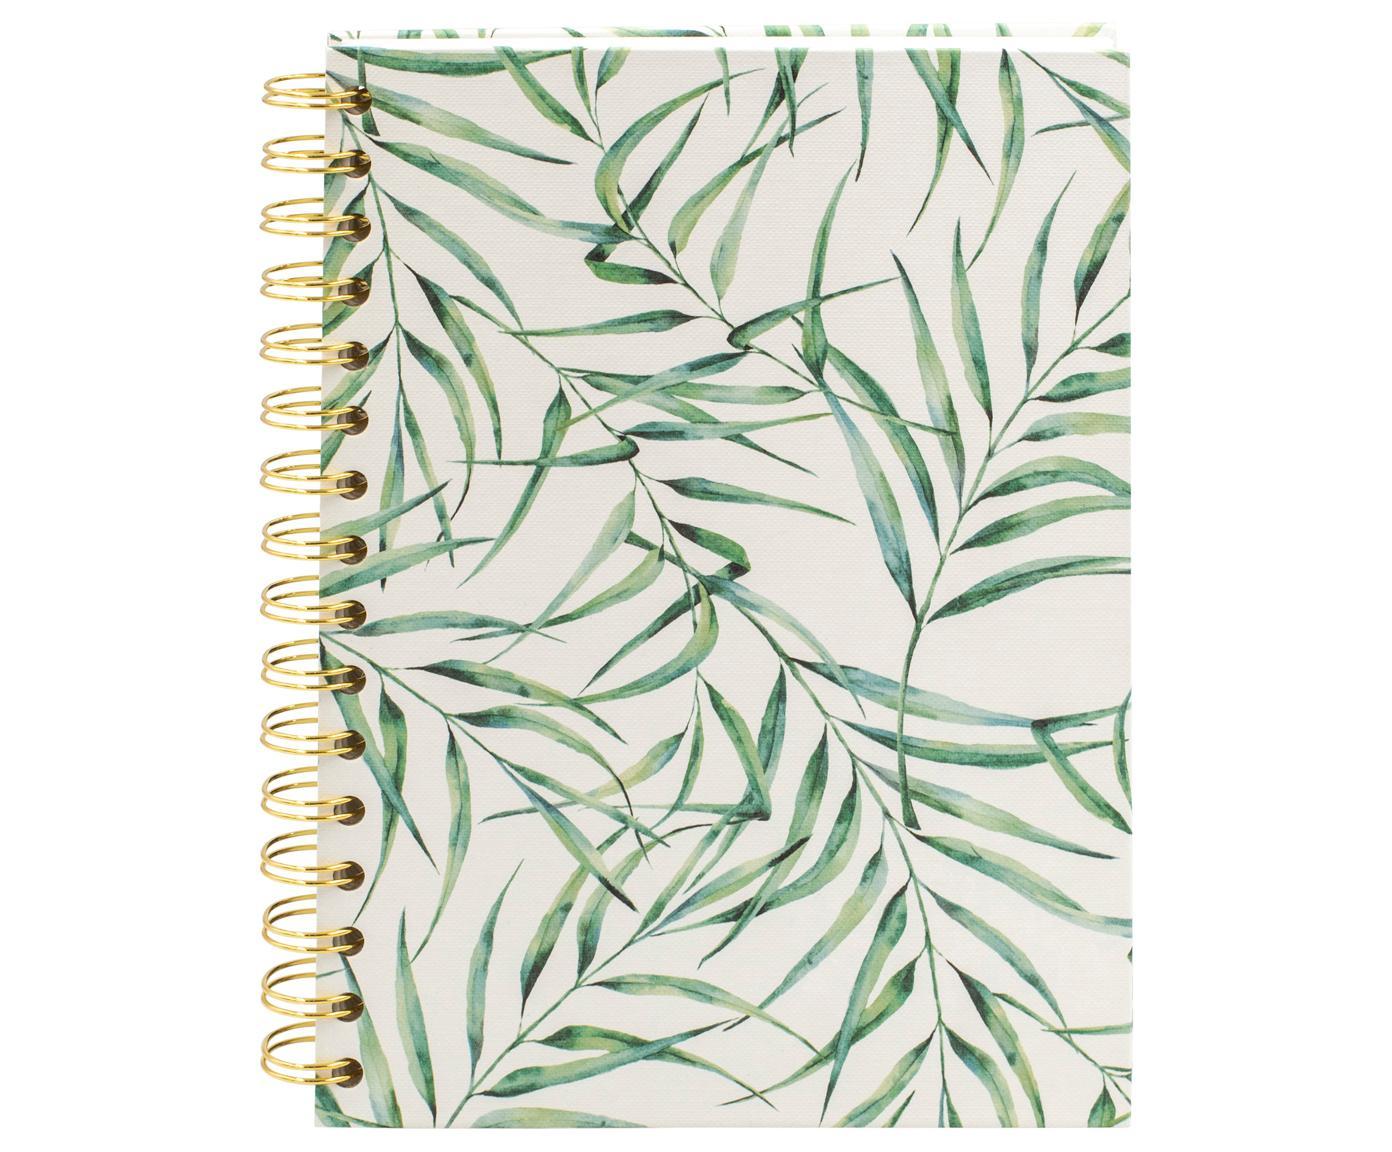 Notatnik Leaf, Biały, zielony, S 16 x W 21 cm